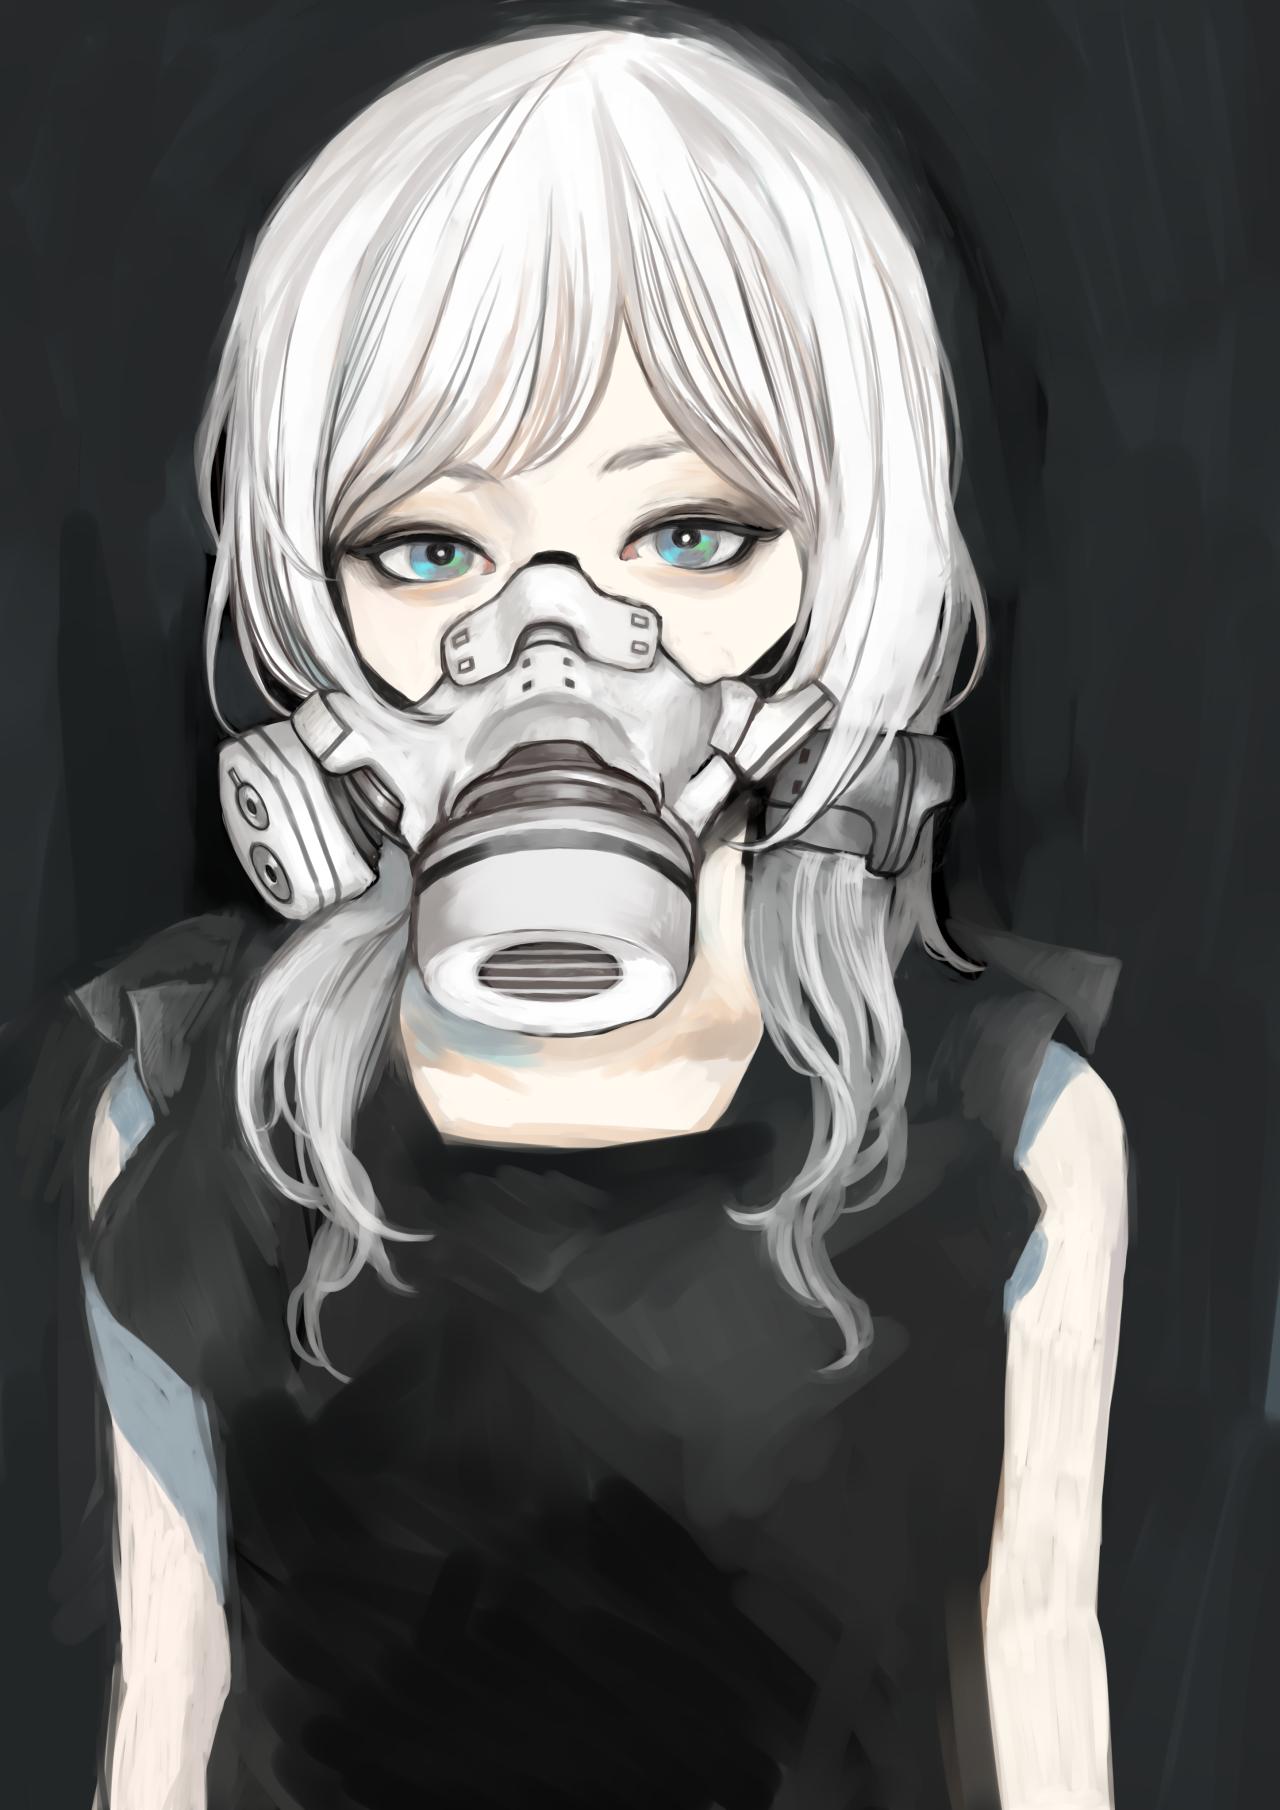 白マスク ざしきわらし のイラスト pixiv ガスマスク イラスト アニメの女の子のデッサン イラスト